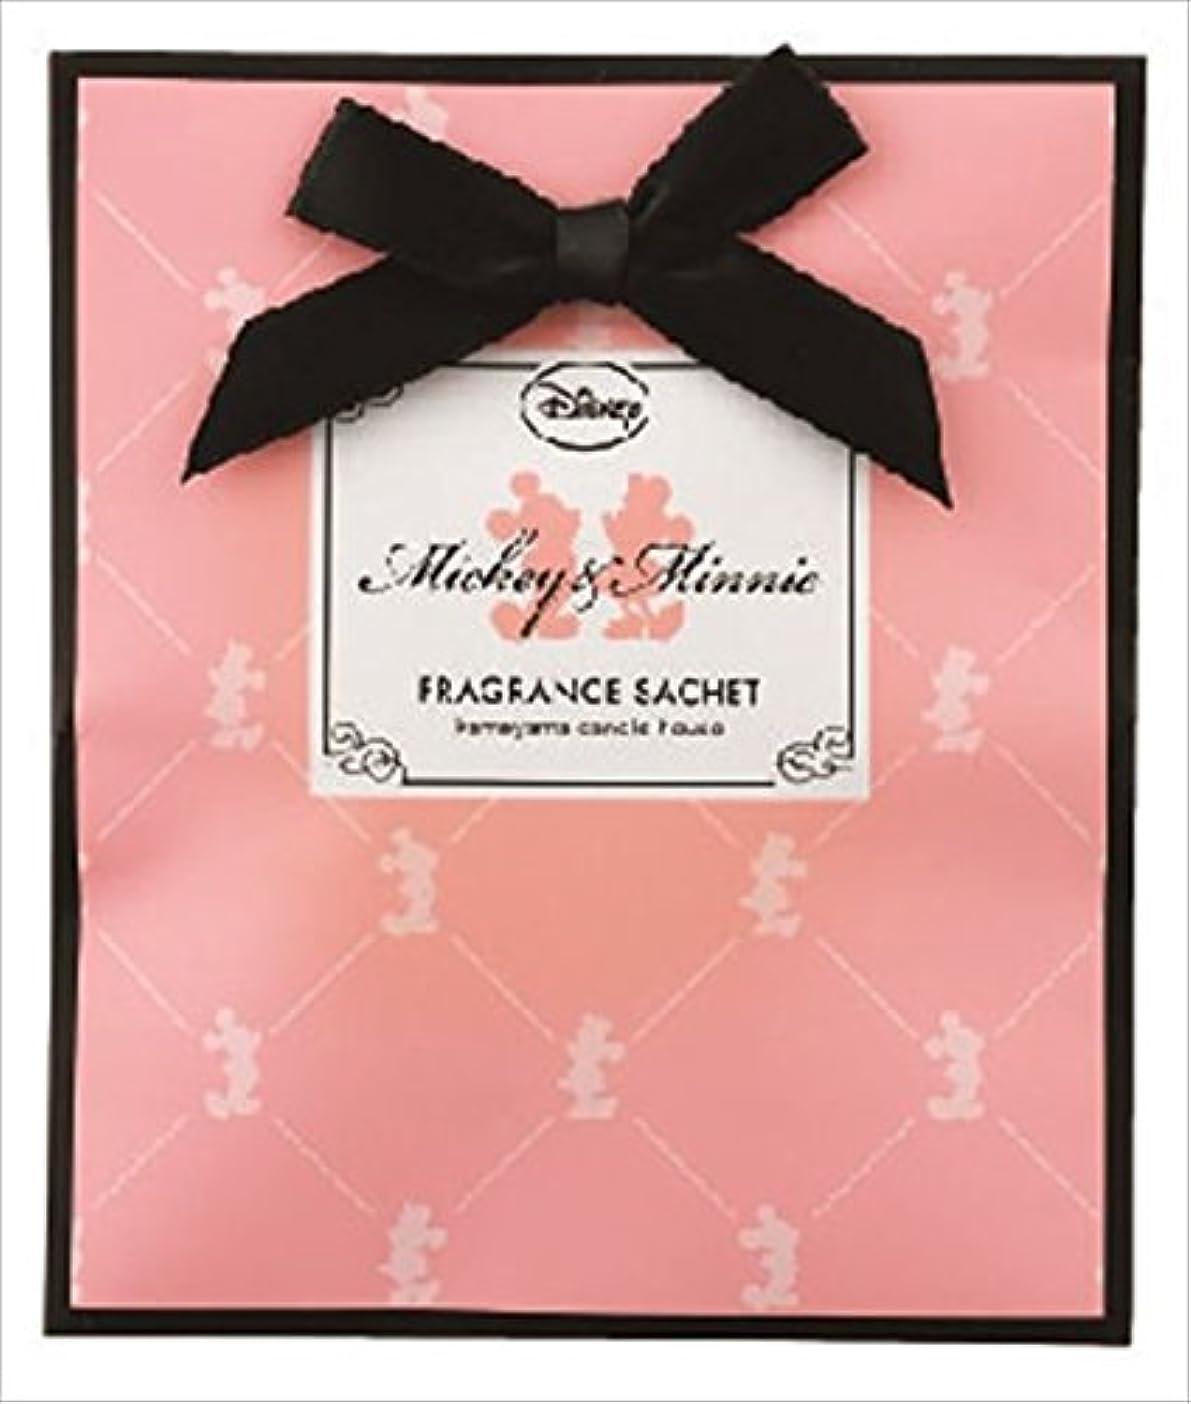 清める透過性圧縮されたkameyama candle(カメヤマキャンドル) ディズニーフレグランスサシェ 「 ミッキー&ミニー 」 ルームフレグランス 110x130x12mm (E3210510)